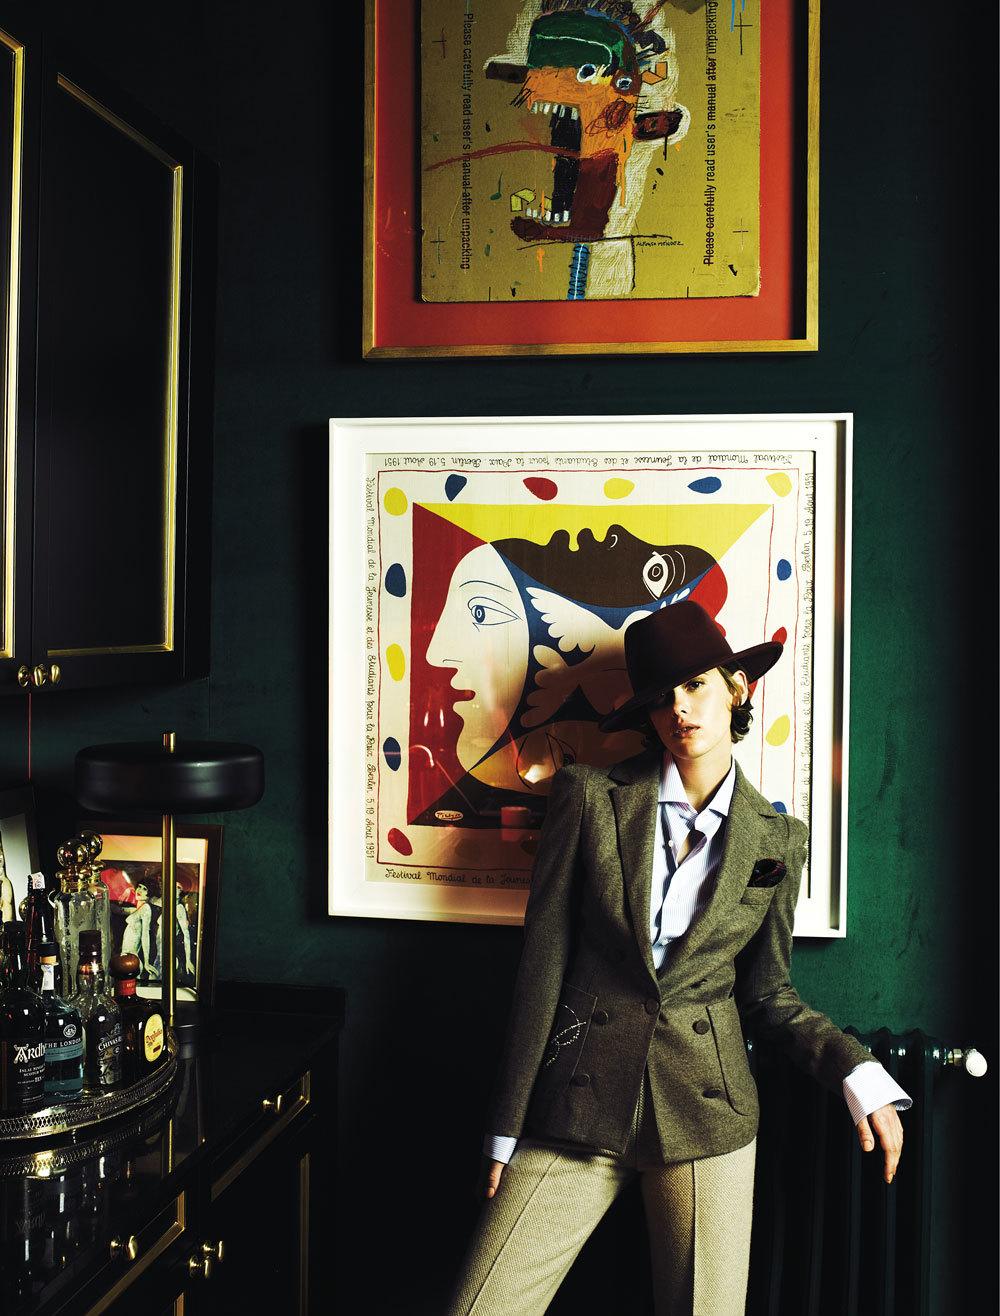 Entre obras de Picasso y Basquiat, la actriz posa con sastre y camisa...